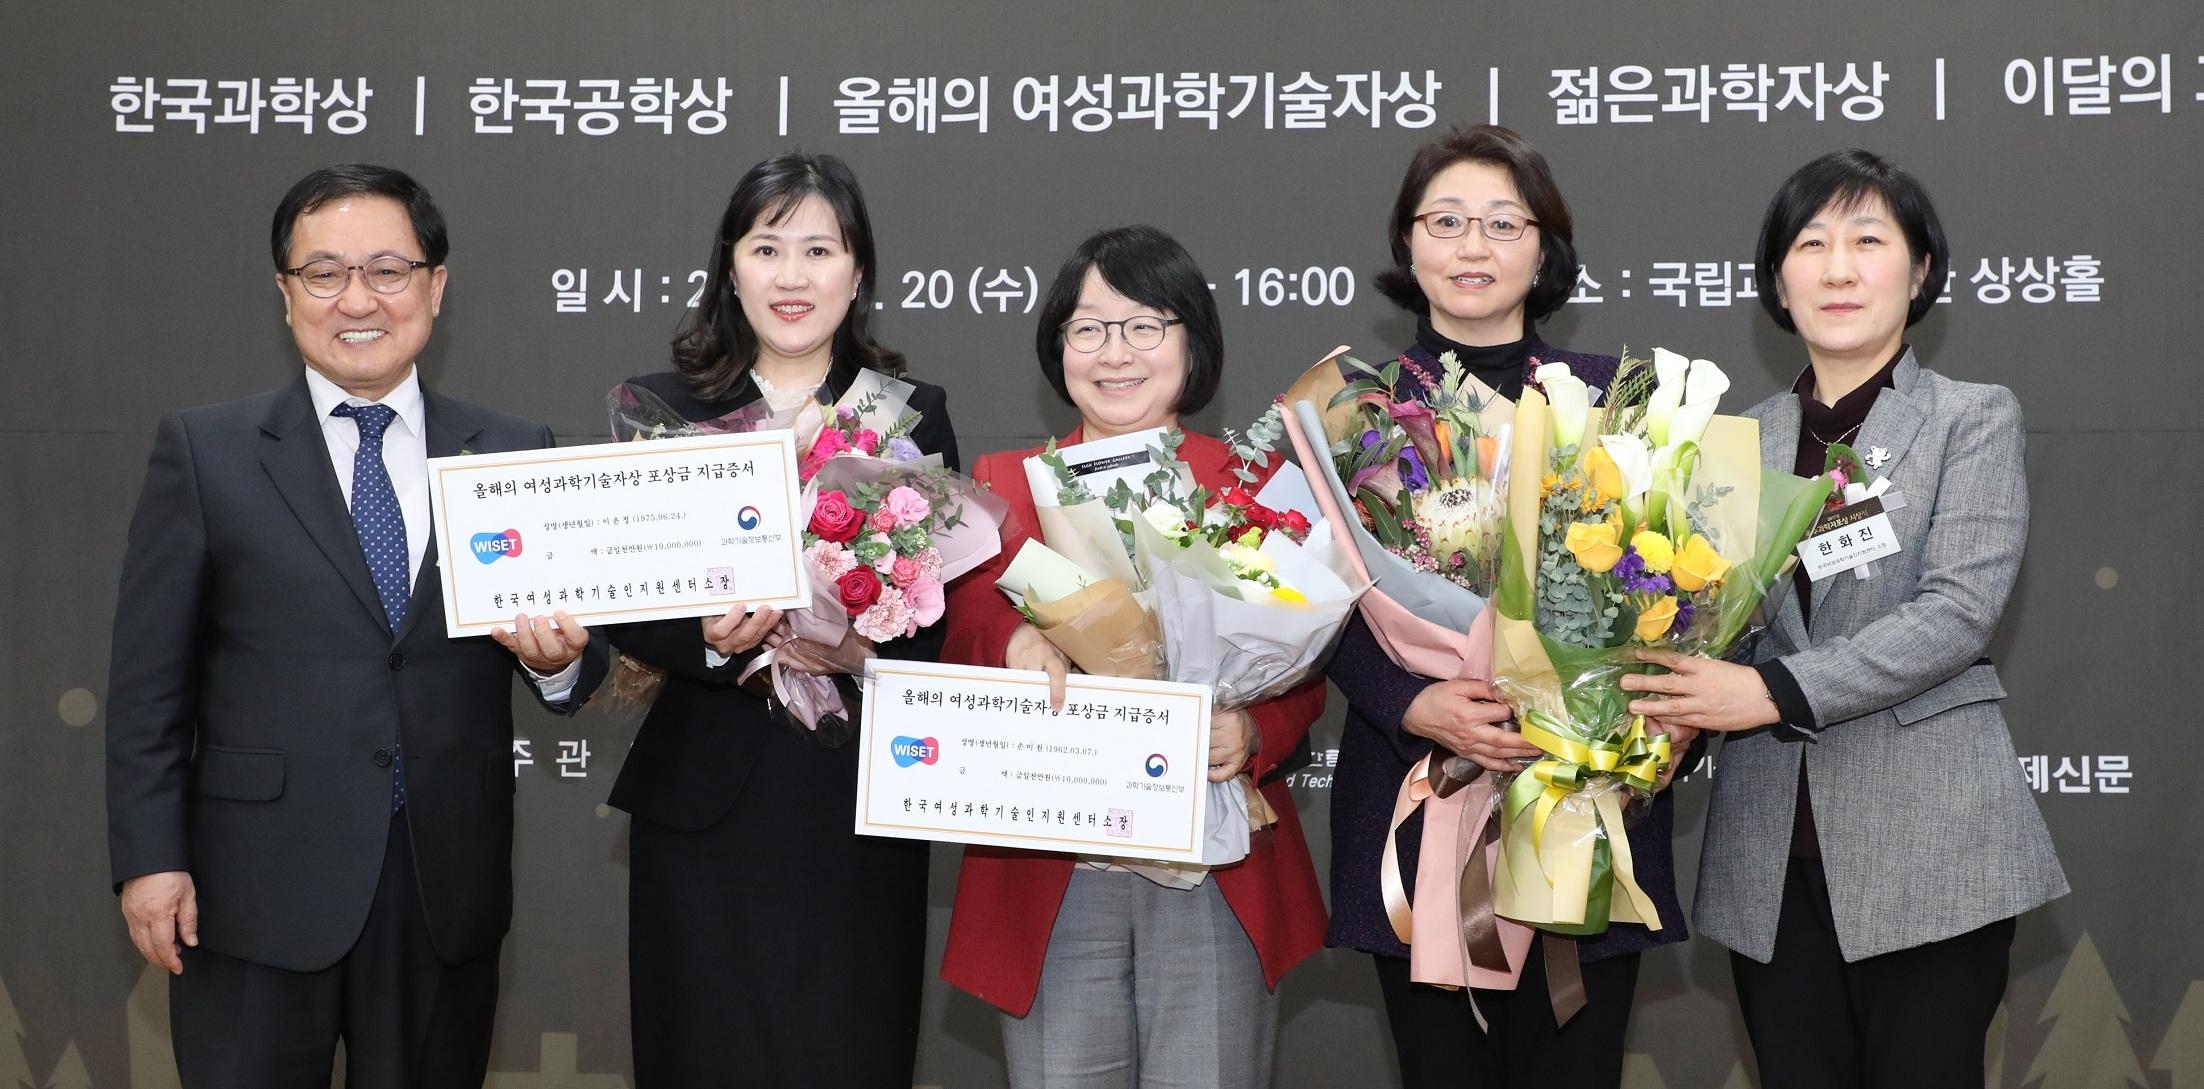 한국여성과학기술인지원센터, 2017 올해의 여성과학기술자상